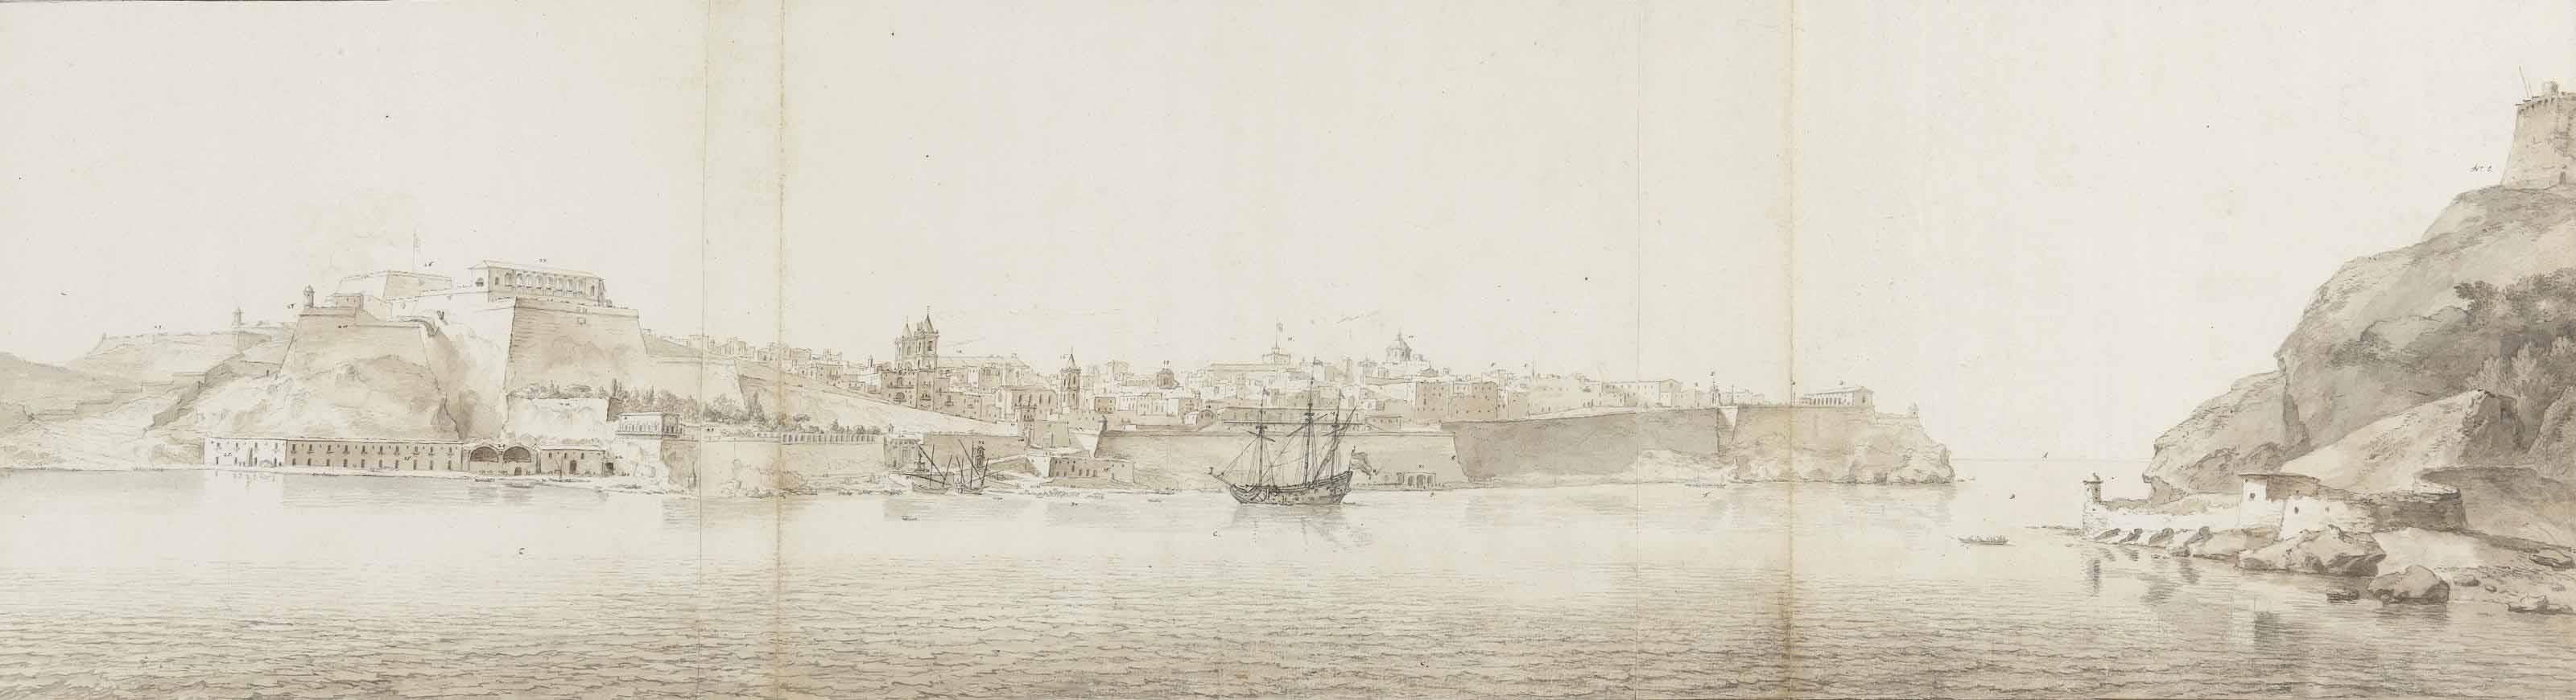 View of Valletta on the island of Malta, seen from Senglea